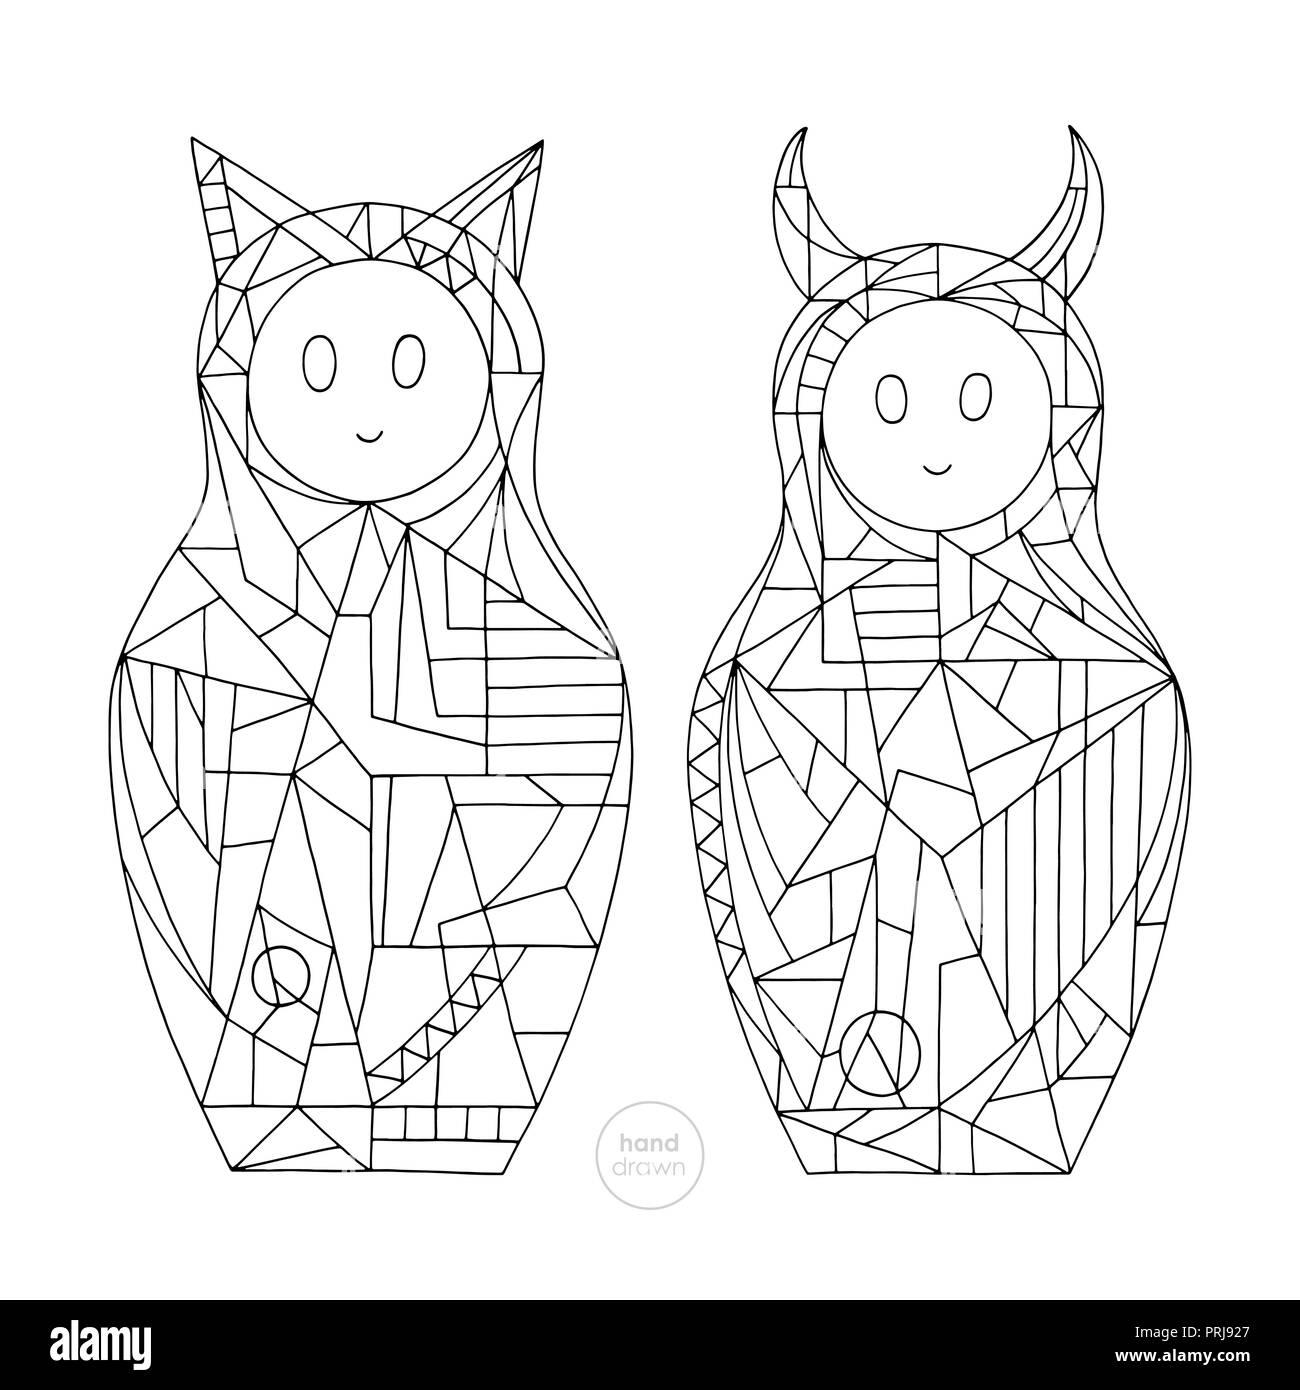 Abstract Ragazze Pagine Da Colorare Disegnato A Mano E Cat Devil